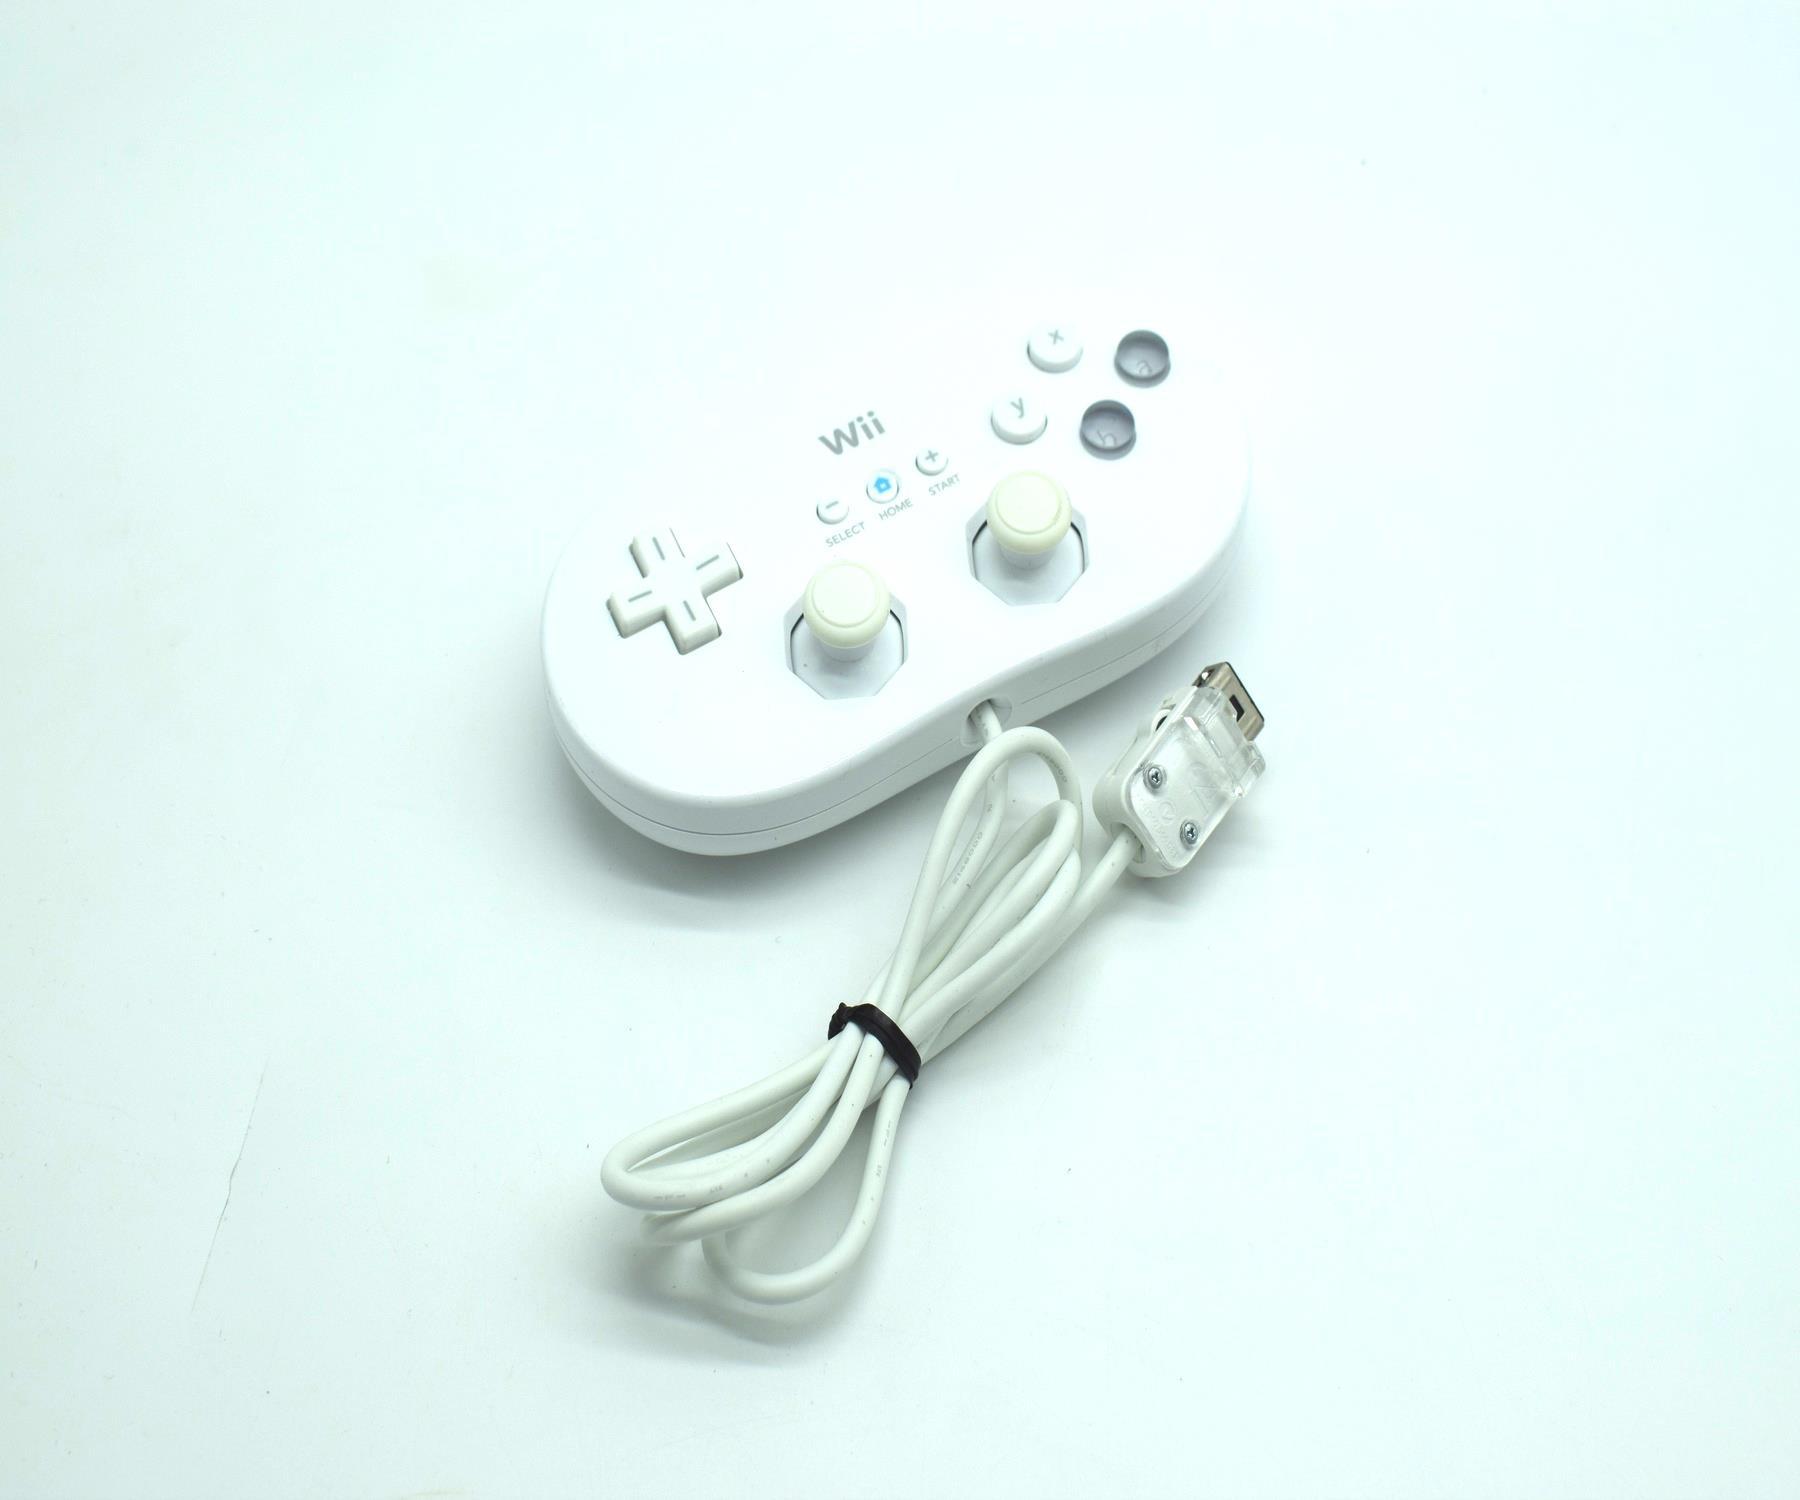 Official-Nintendo-Wii-amp-Remote-U-Plus-Genuine-Original-Controller miniatuur 25